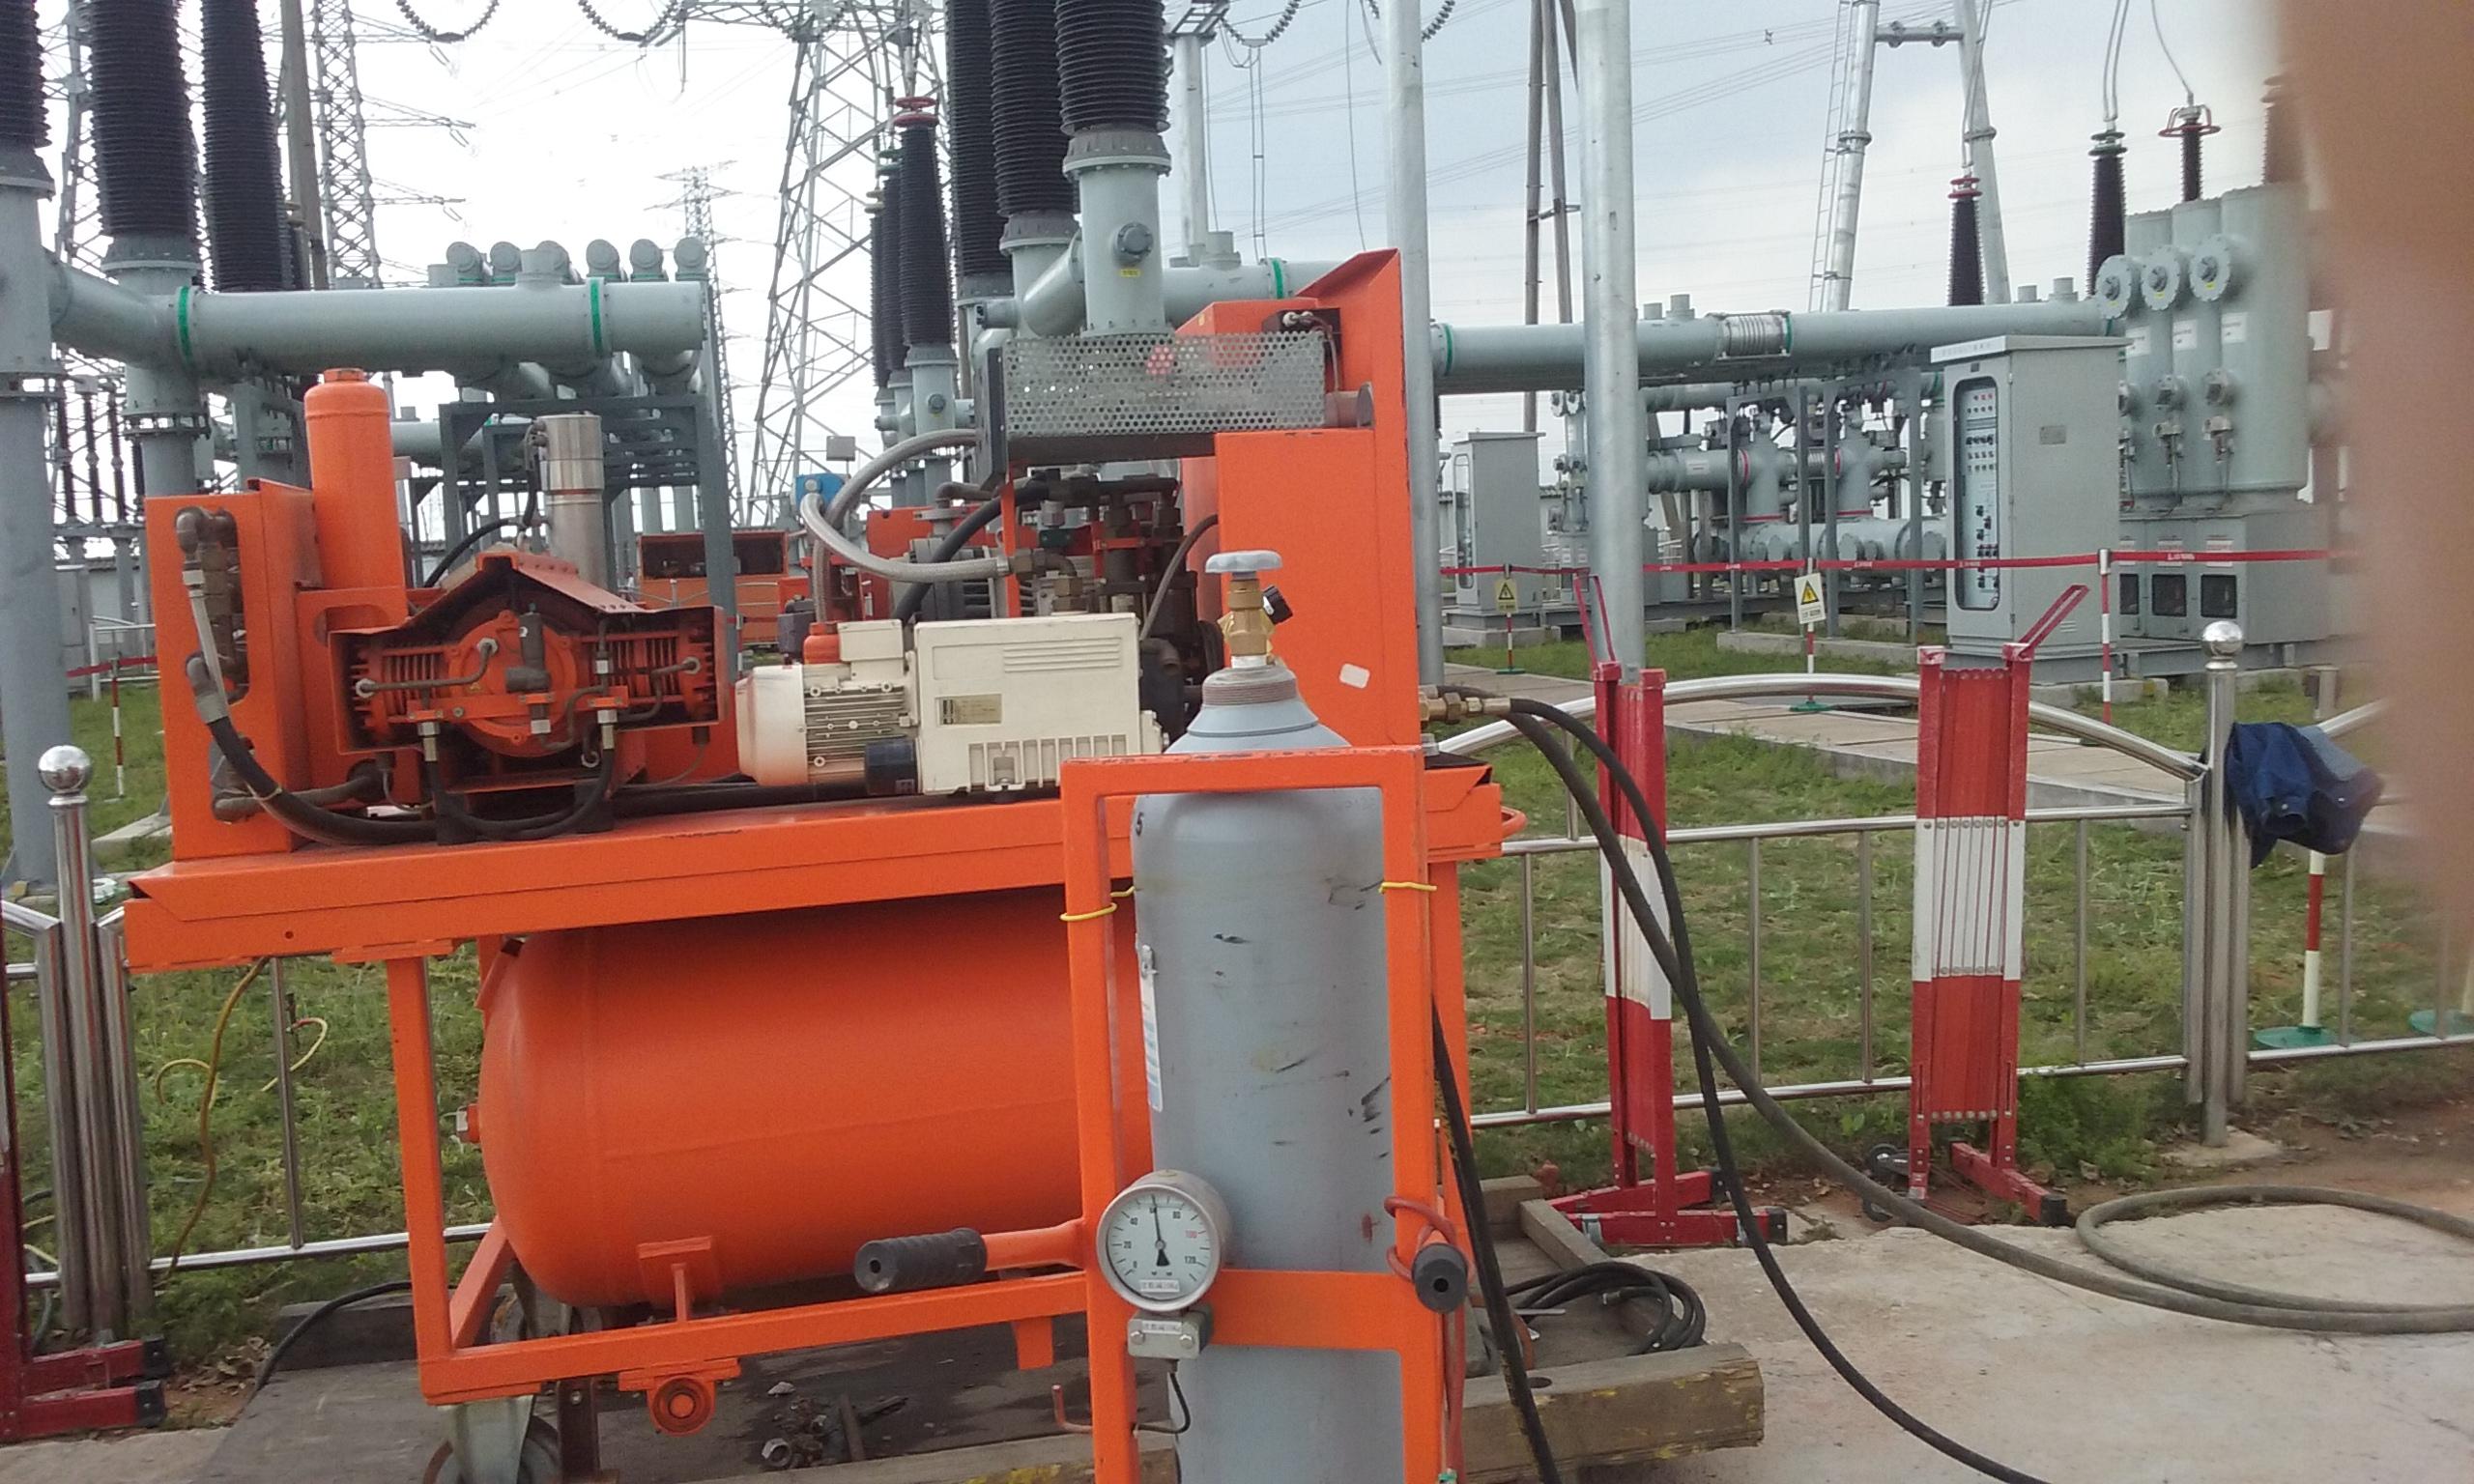 当真空泵抽空边无超压存在时电磁阀才可从真空泵中开启.